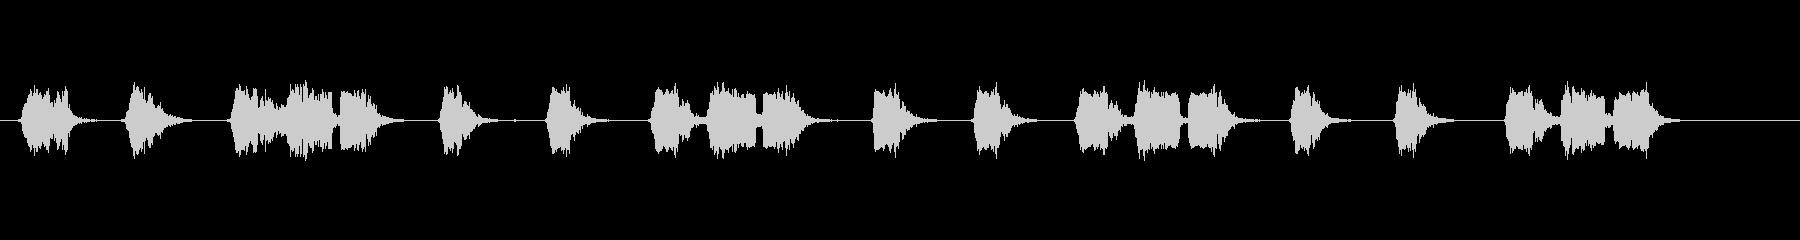 沖縄民謡やエイサーに頻繁に登場する指笛の未再生の波形